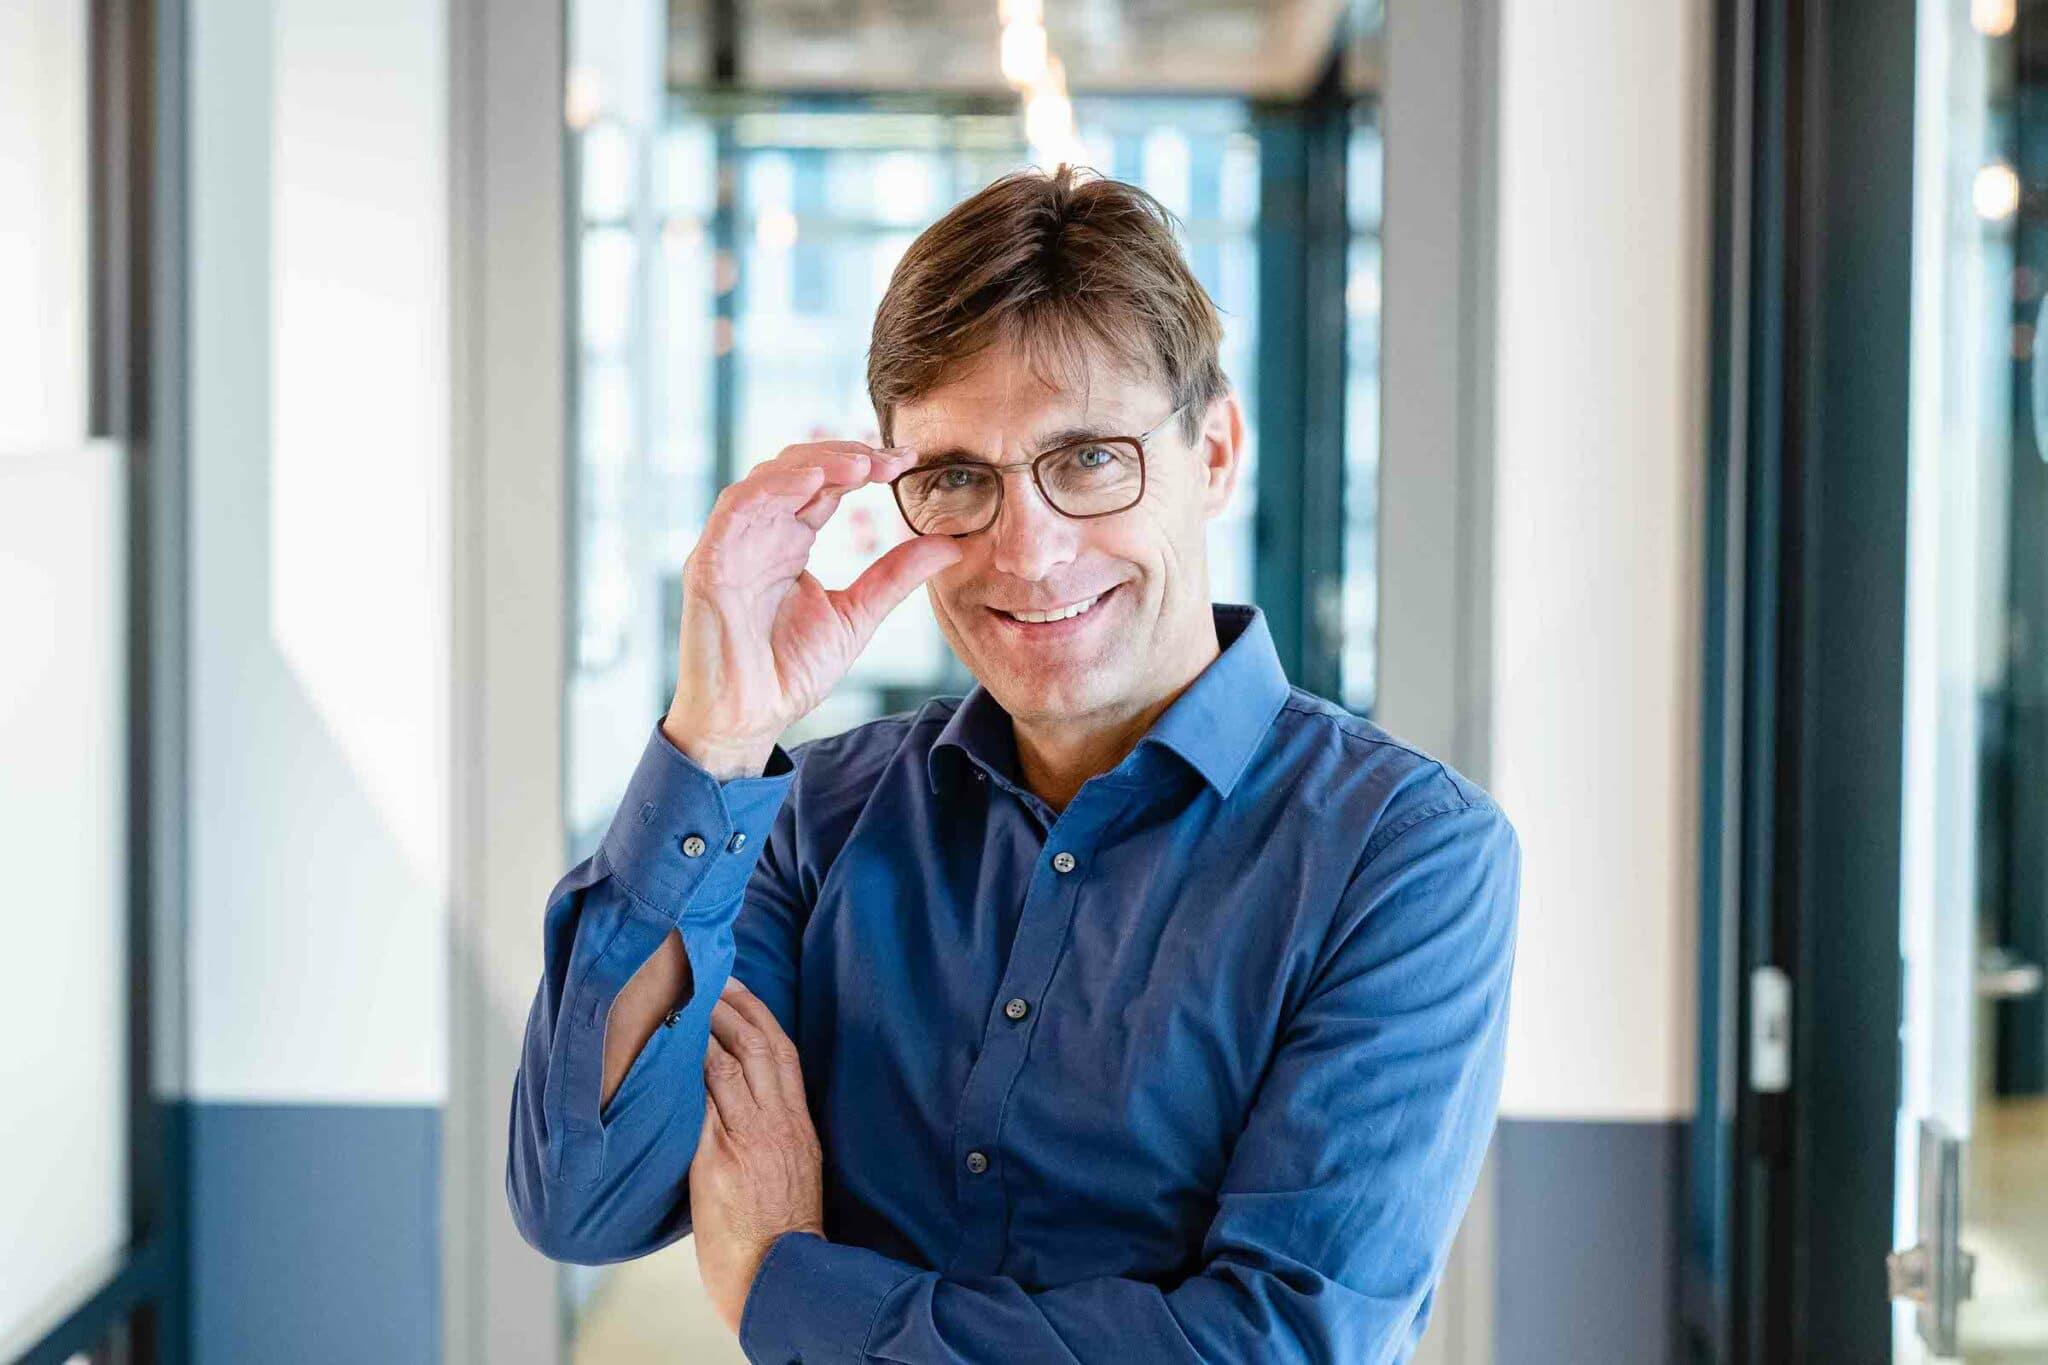 Jens Braune Fotograf -Griff an die Brille